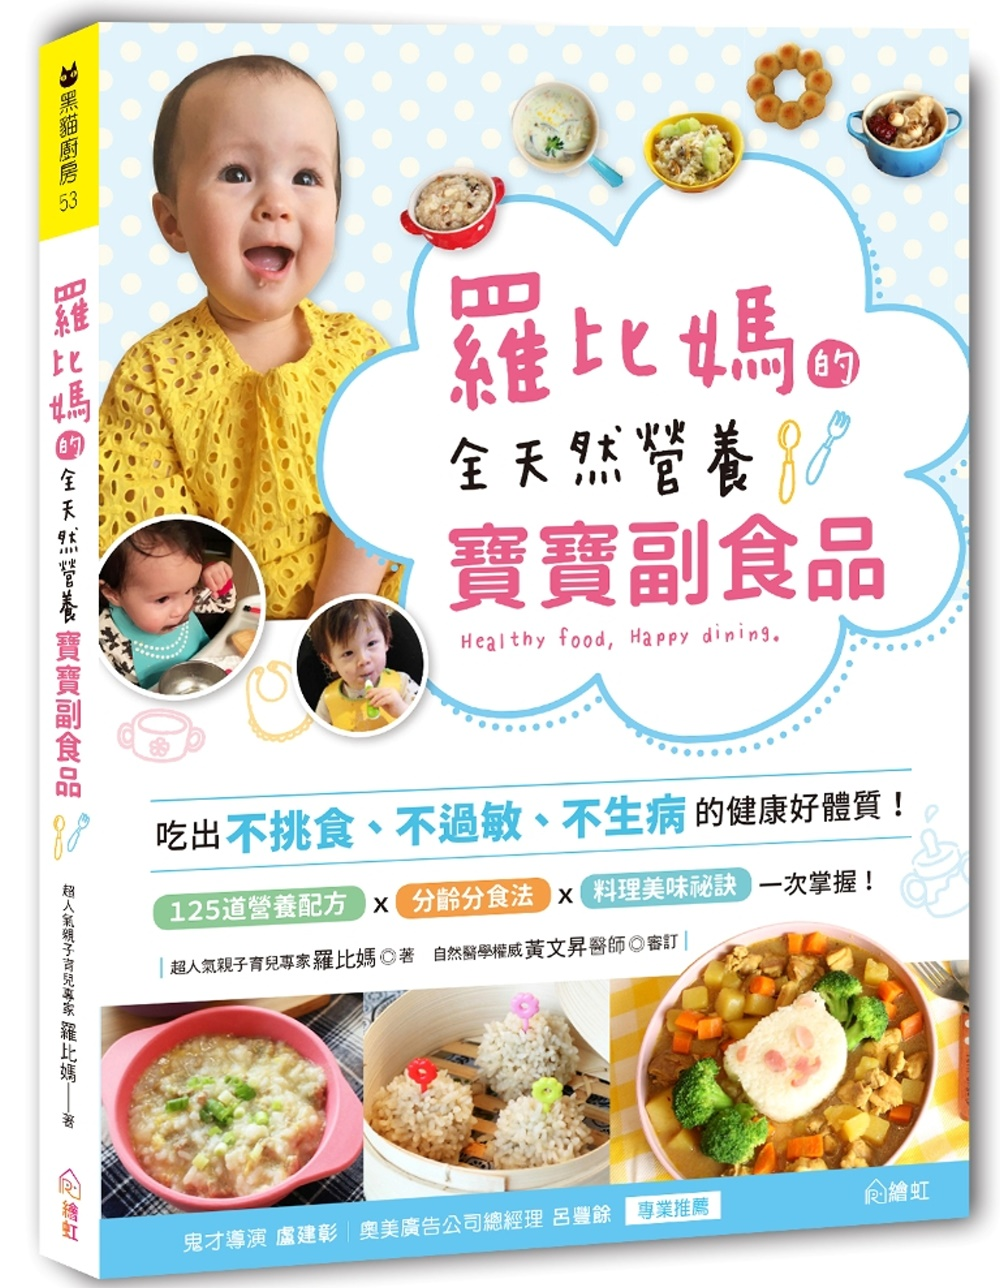 羅比媽的全天然營養寶寶副食品:...